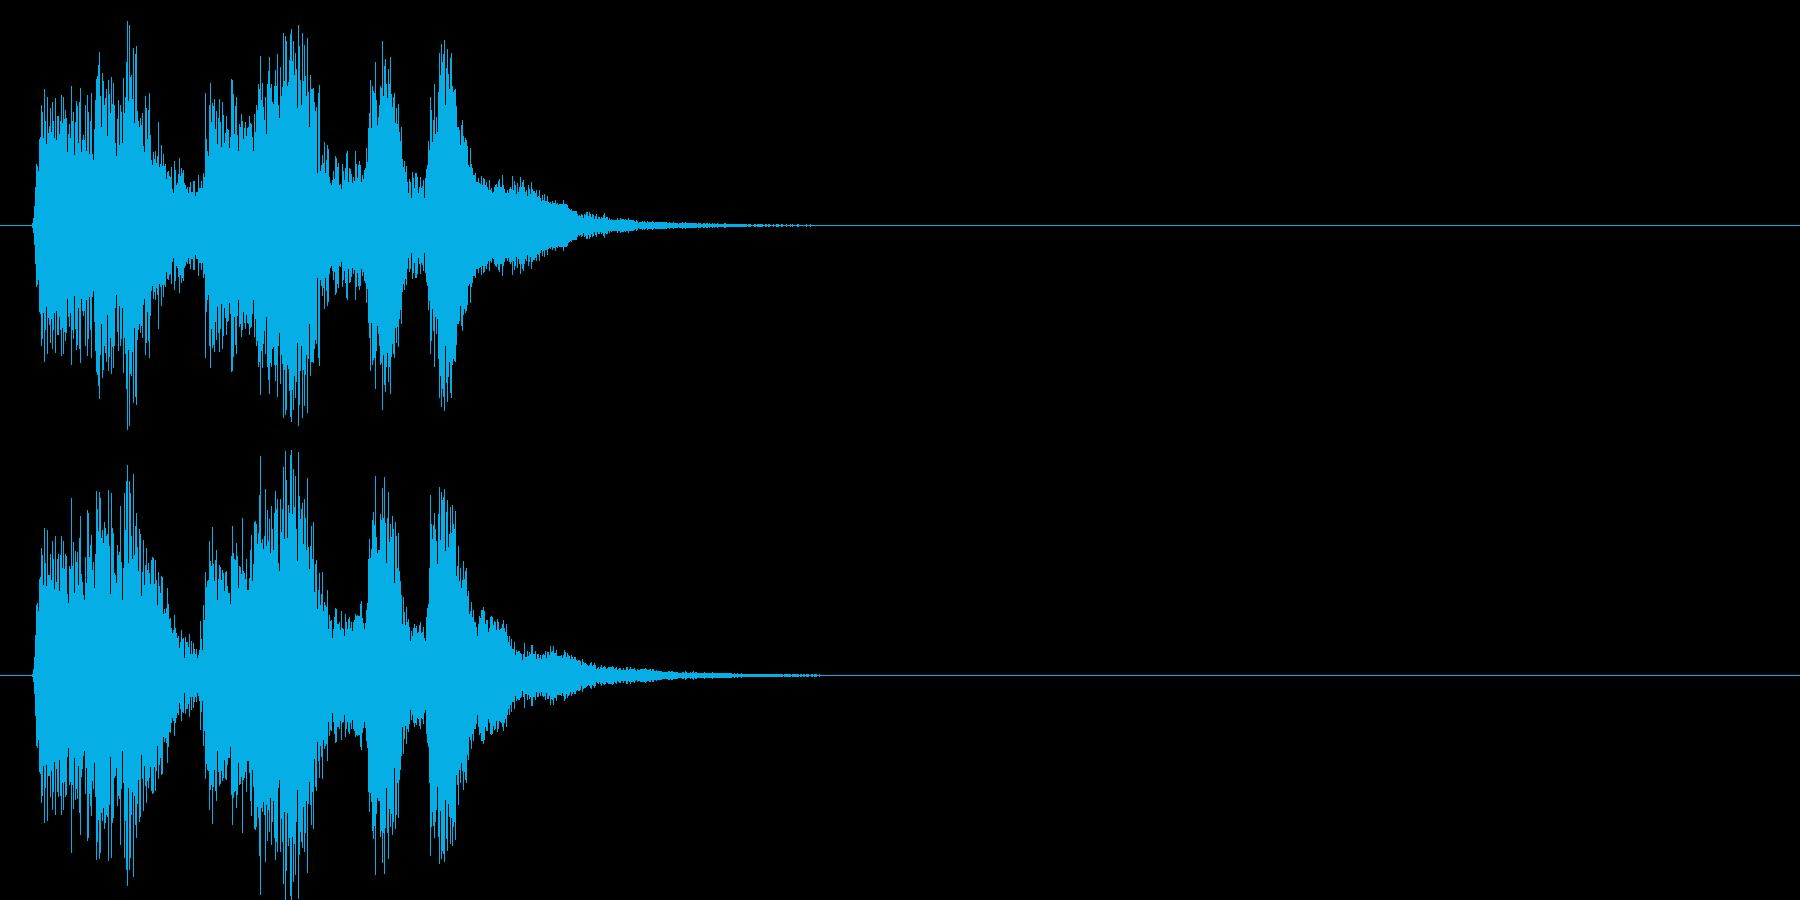 場面転換 コミカル クイズ エンディングの再生済みの波形